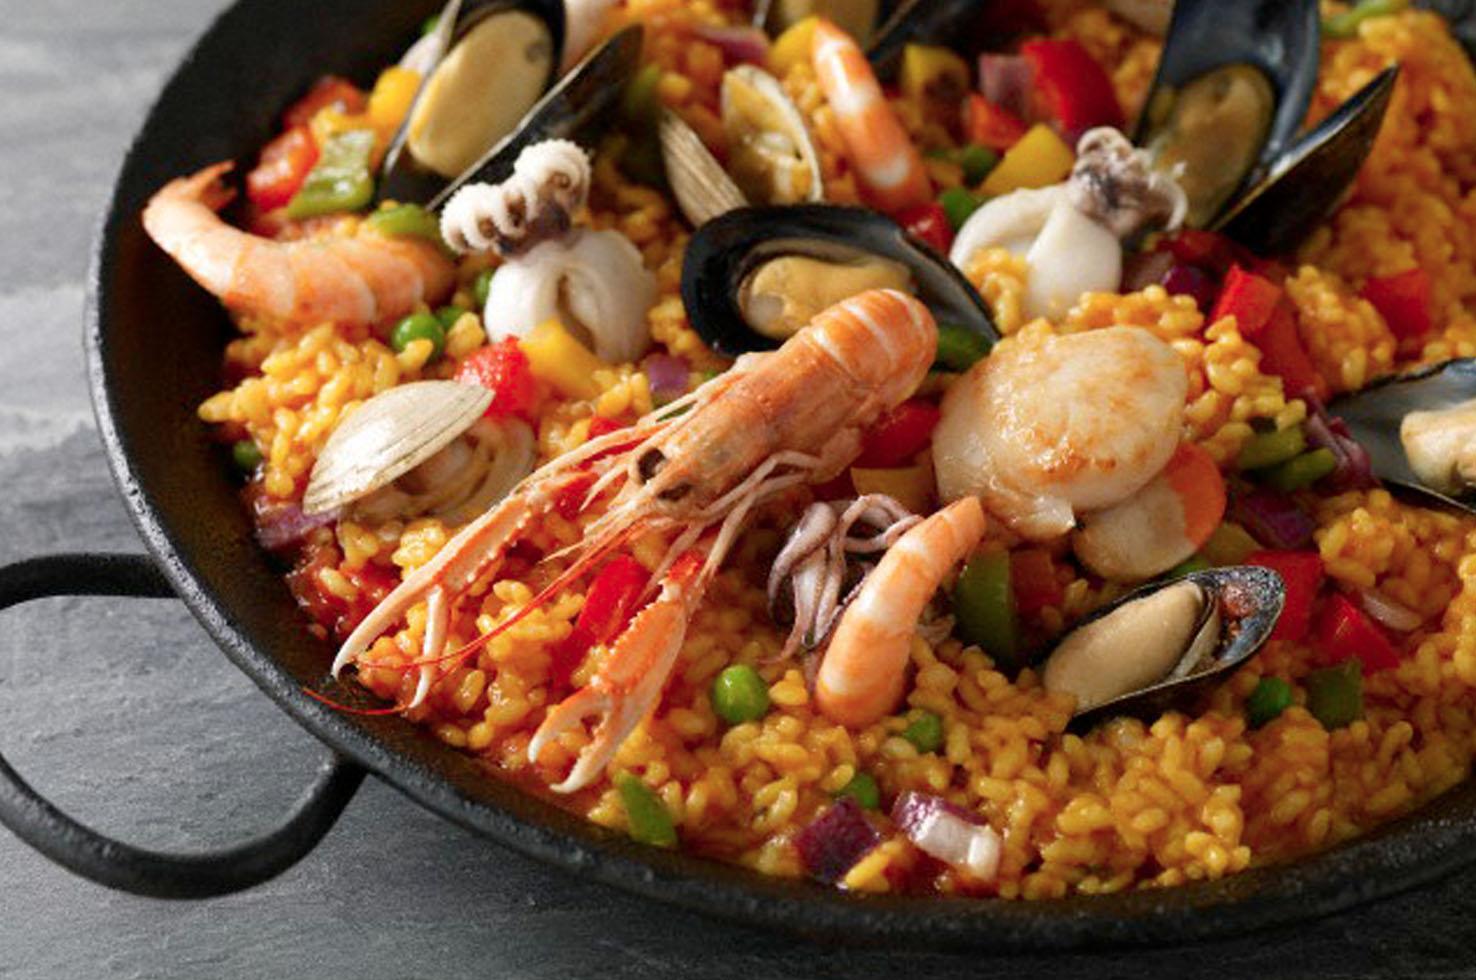 Fabulous Tien simpele Spaanse gerechten - GoLloretdemar.nl @IZ72